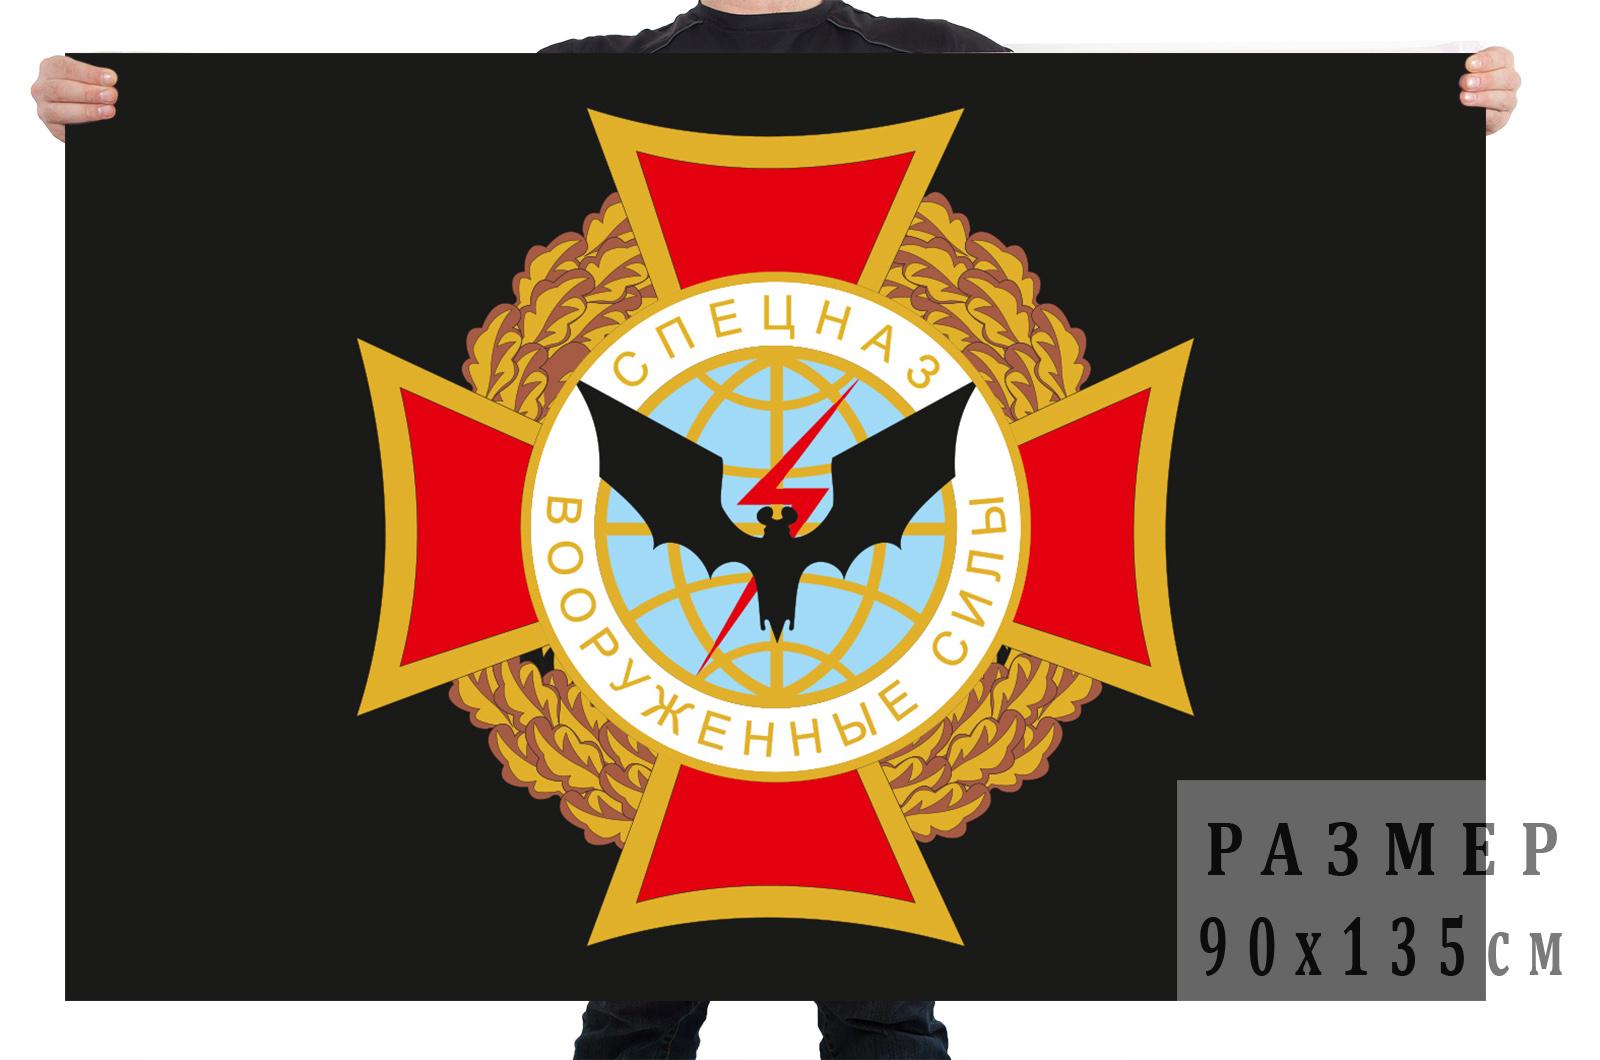 Купить в интернет магазине флаг с эмблемой Спецназа Вооруженных сил